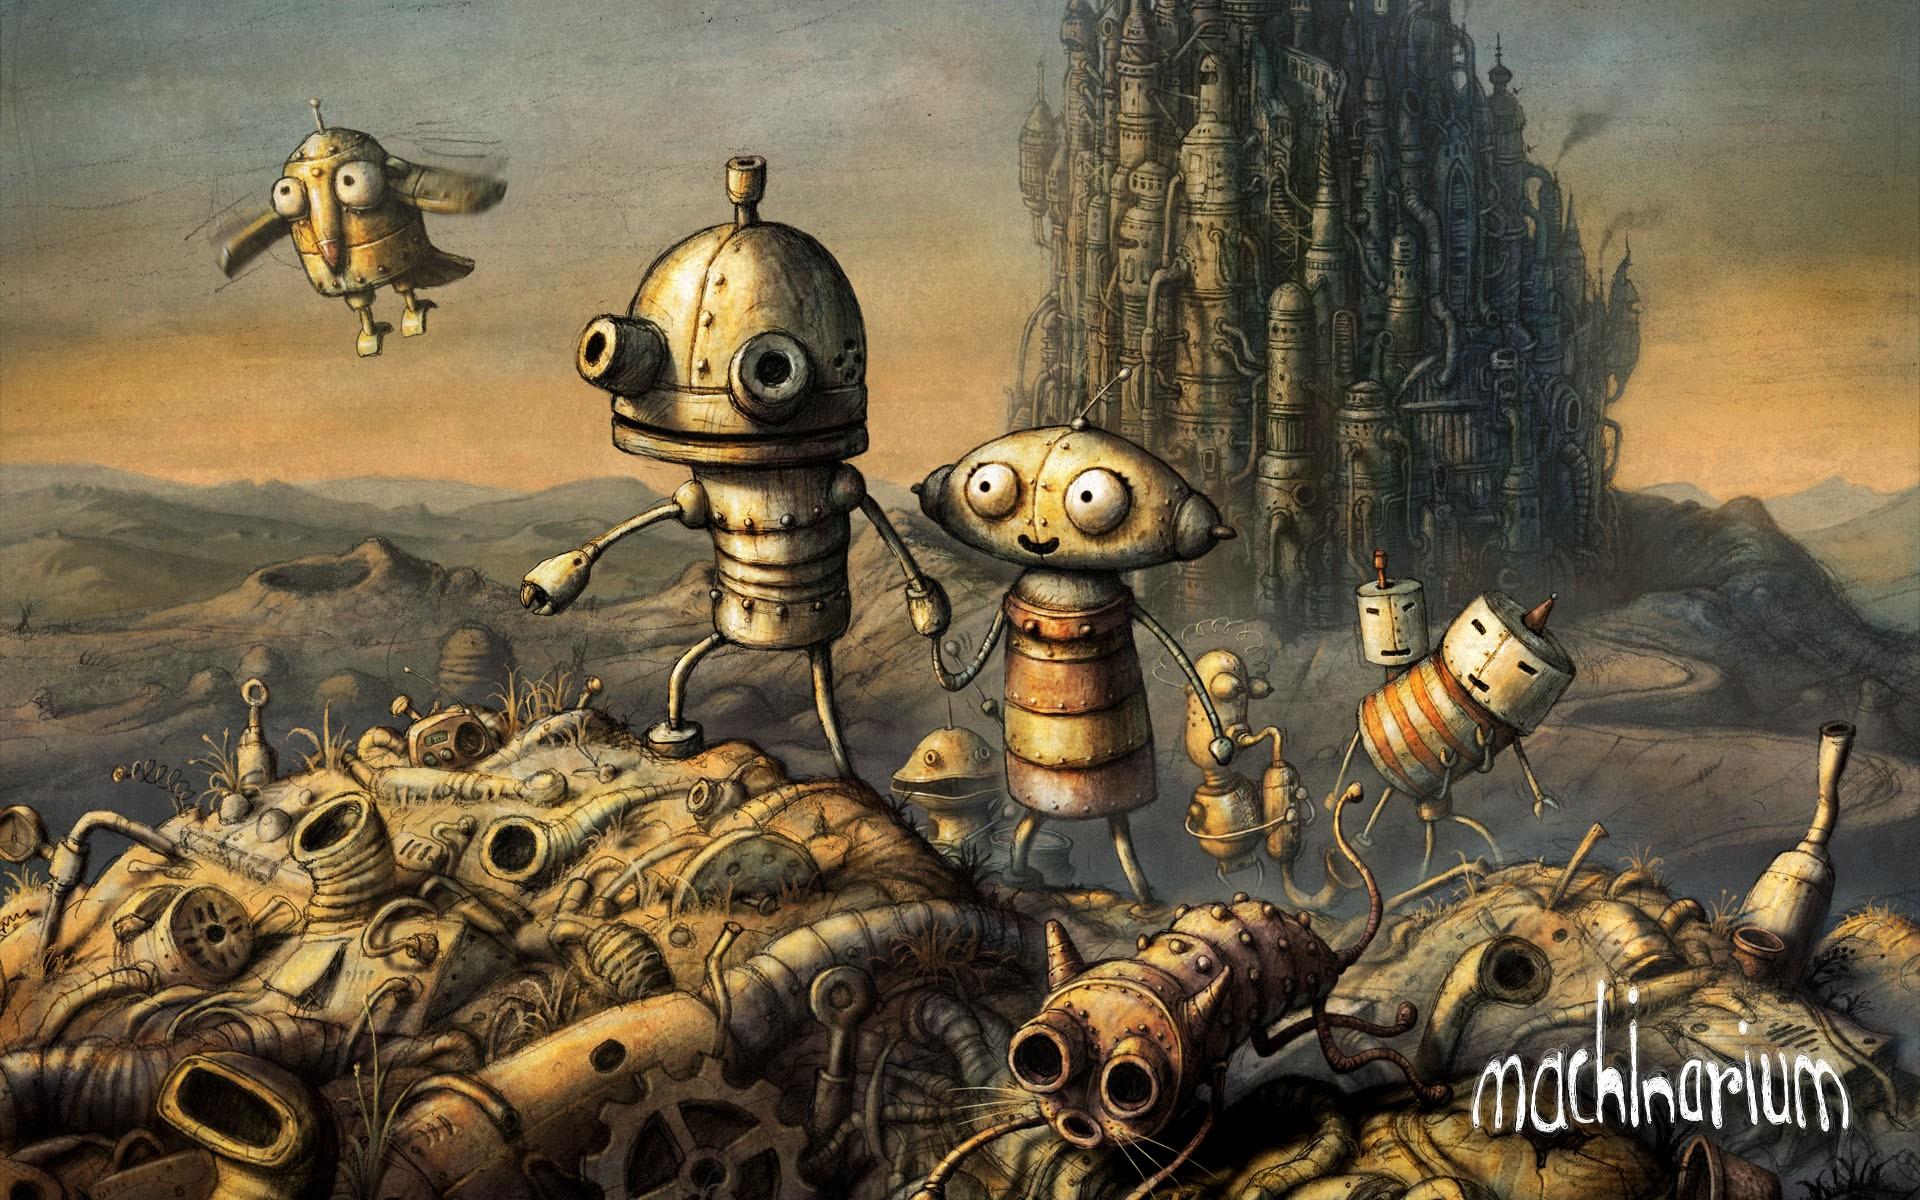 Machinarium: La solution complète en pas à pas de la première moitié du jeu